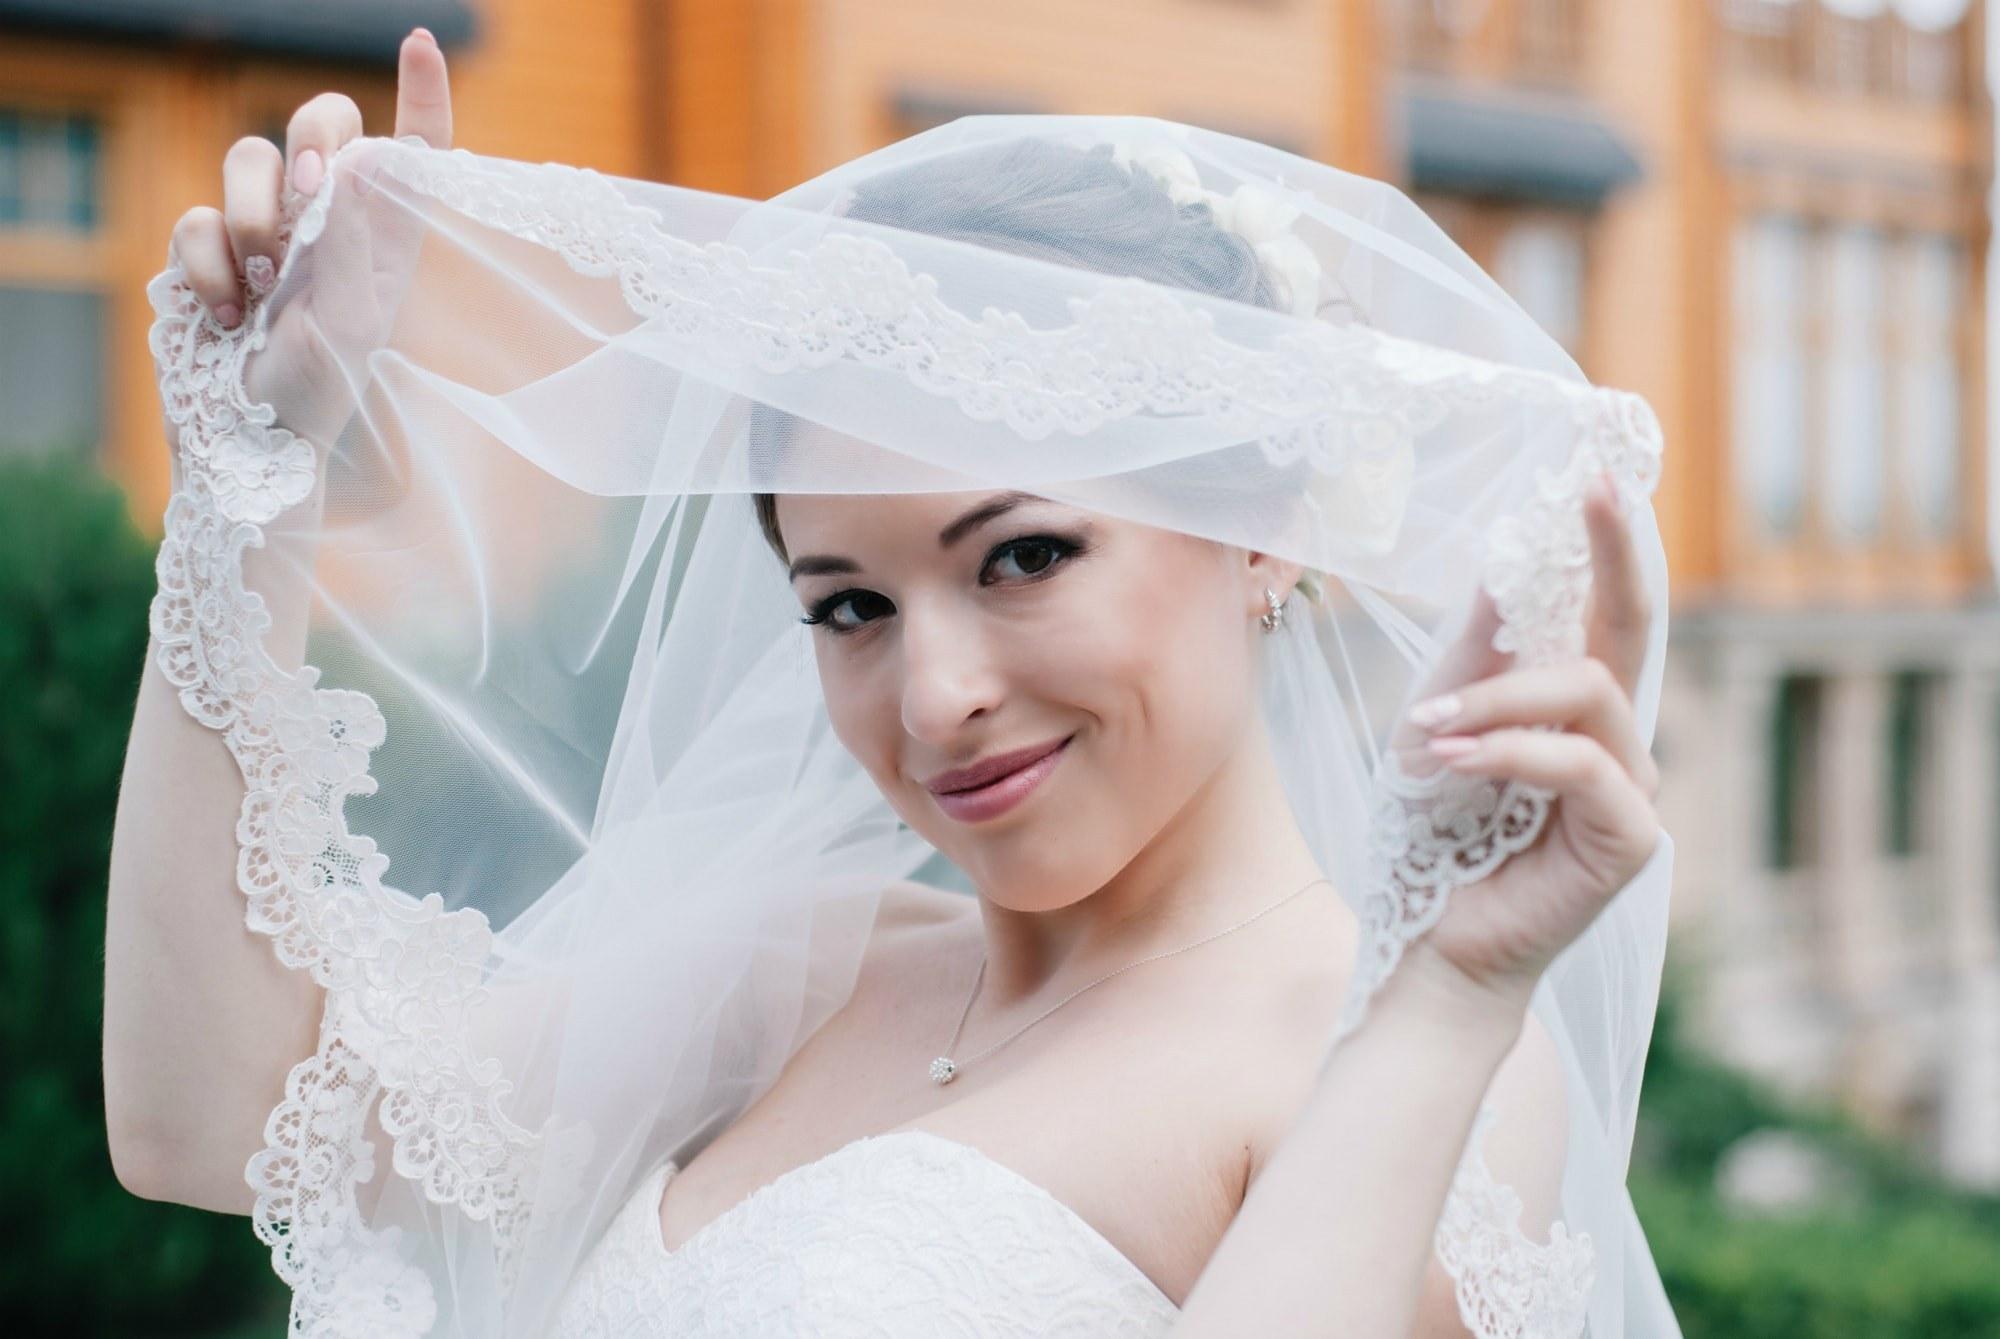 Невеста выглядывает из под фаты - Фотограф Киев - Женя Лайт